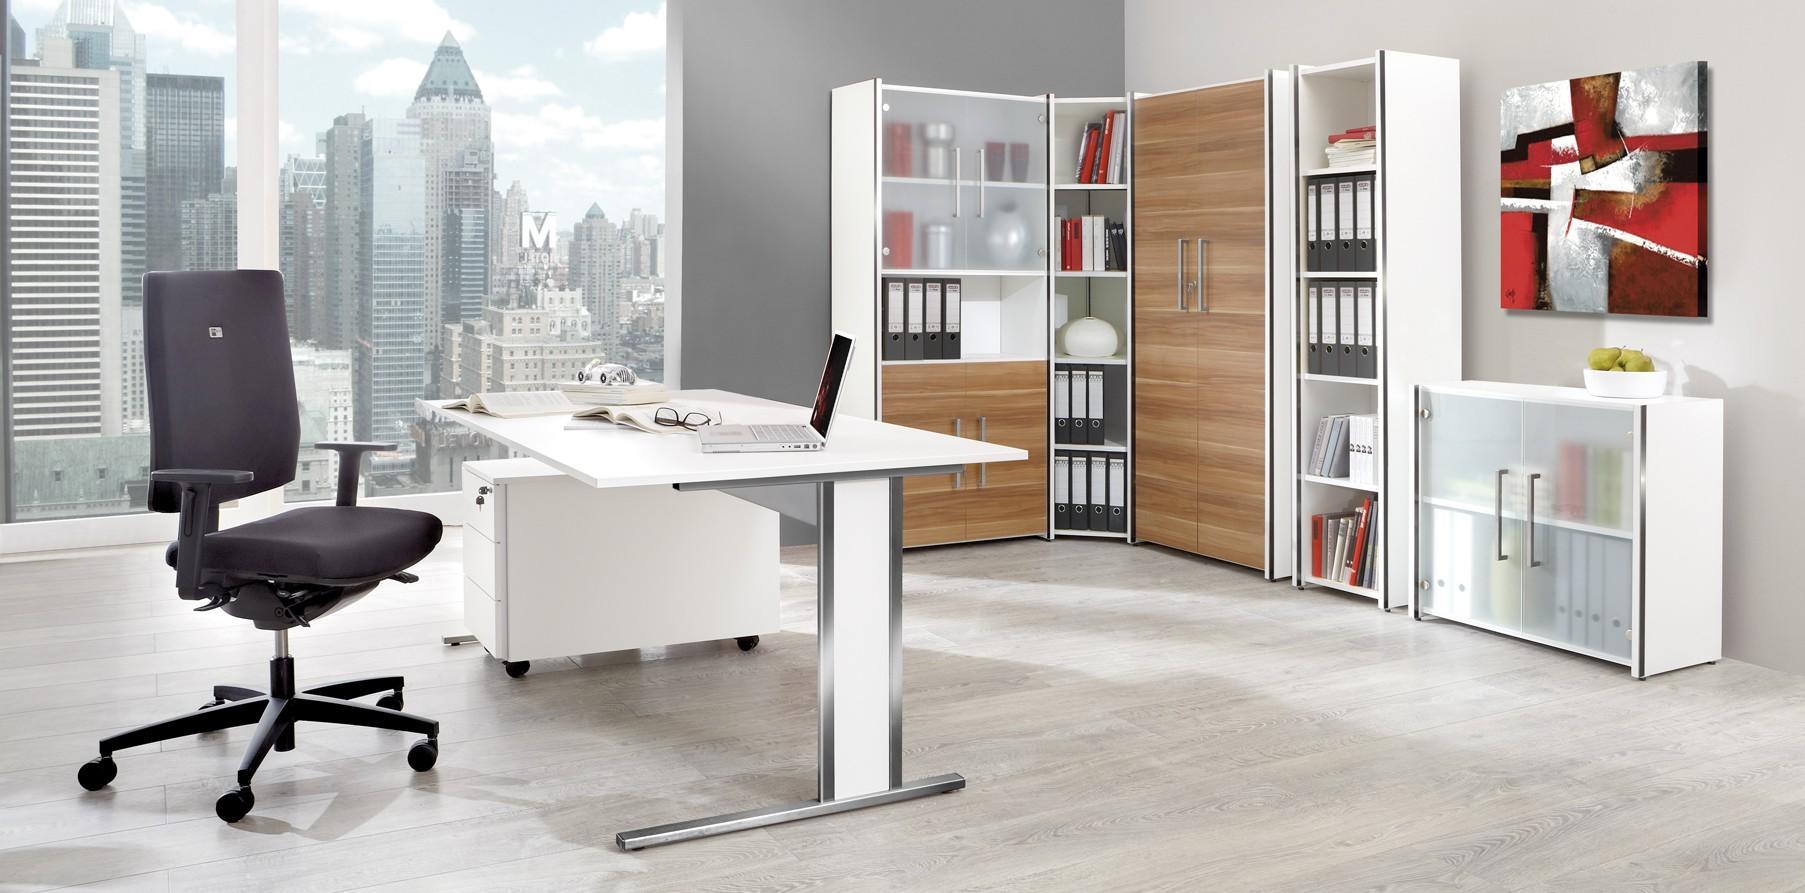 Büromöbel preiswert und schnell - Vorbautüren (Set) 2 OH Glas